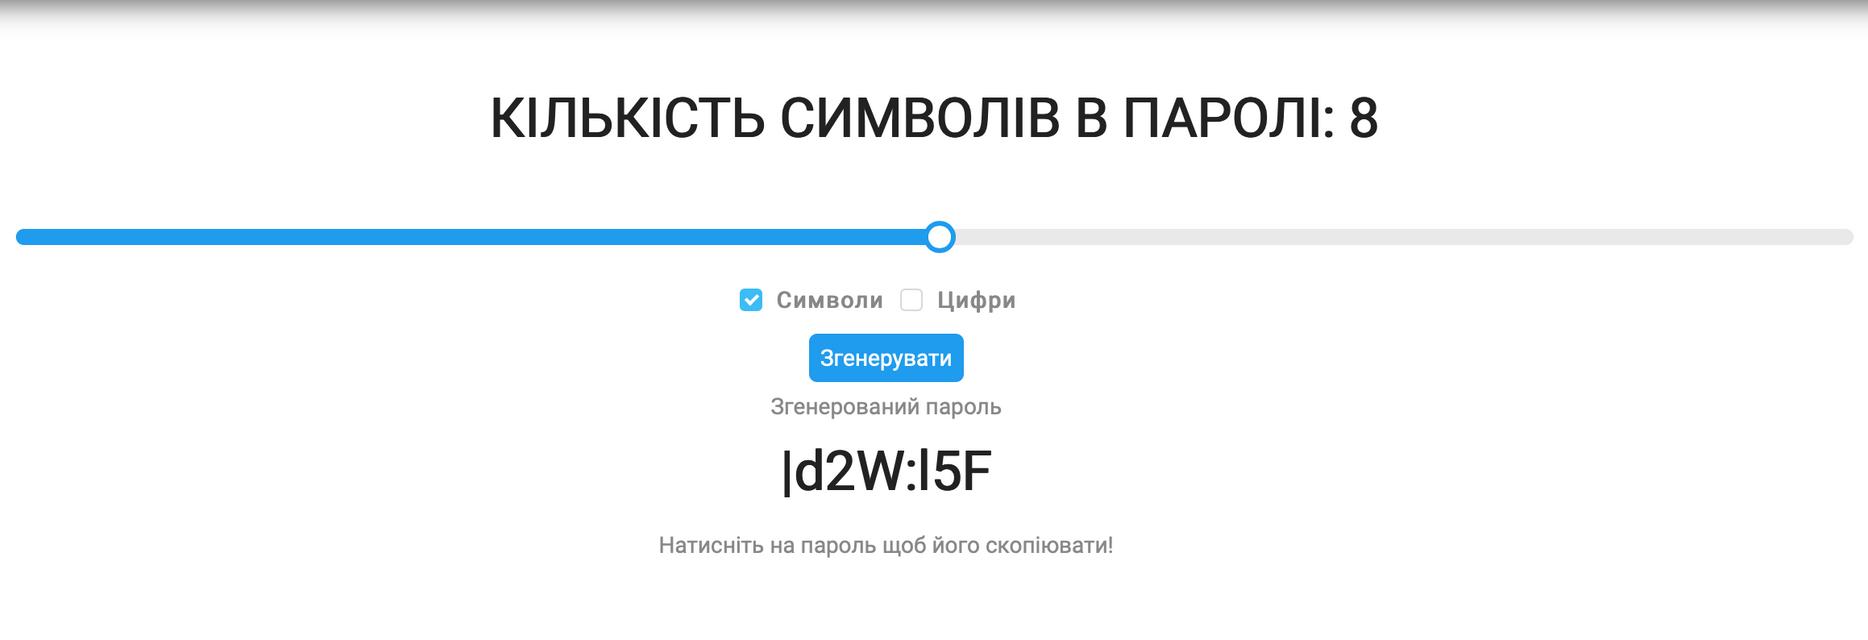 Киберполиция Украины создала сервис для генерации паролей - фото 170797